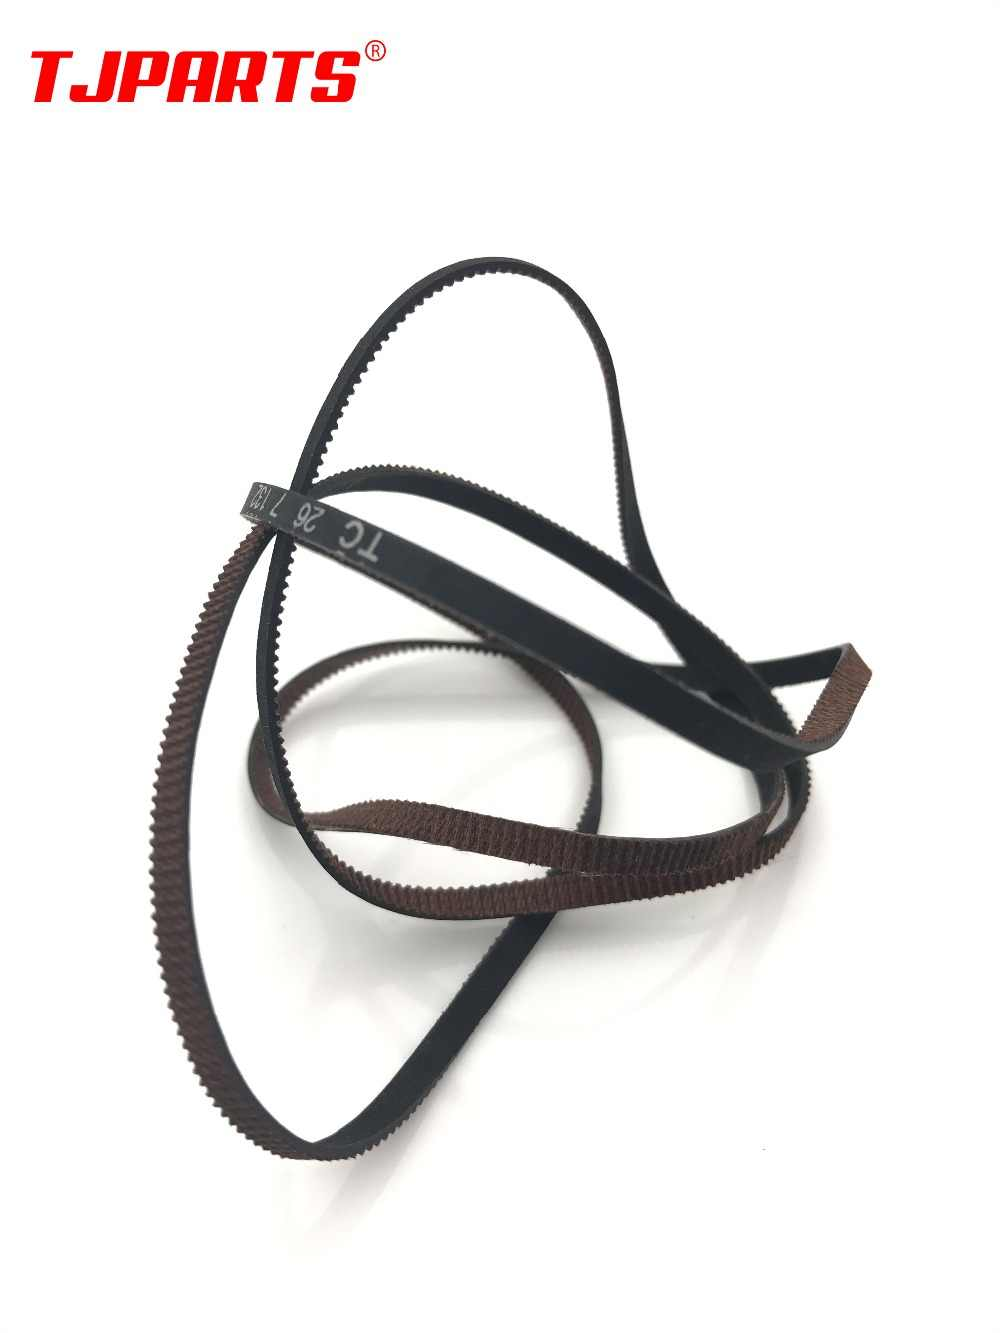 2X Kereta Timing Belt untuk Epson ME10 L100 L110 L111 L120 L130 L132 L210 L220 L222 L300 L301 L303 L310 l350 L351 L353 L355 L358